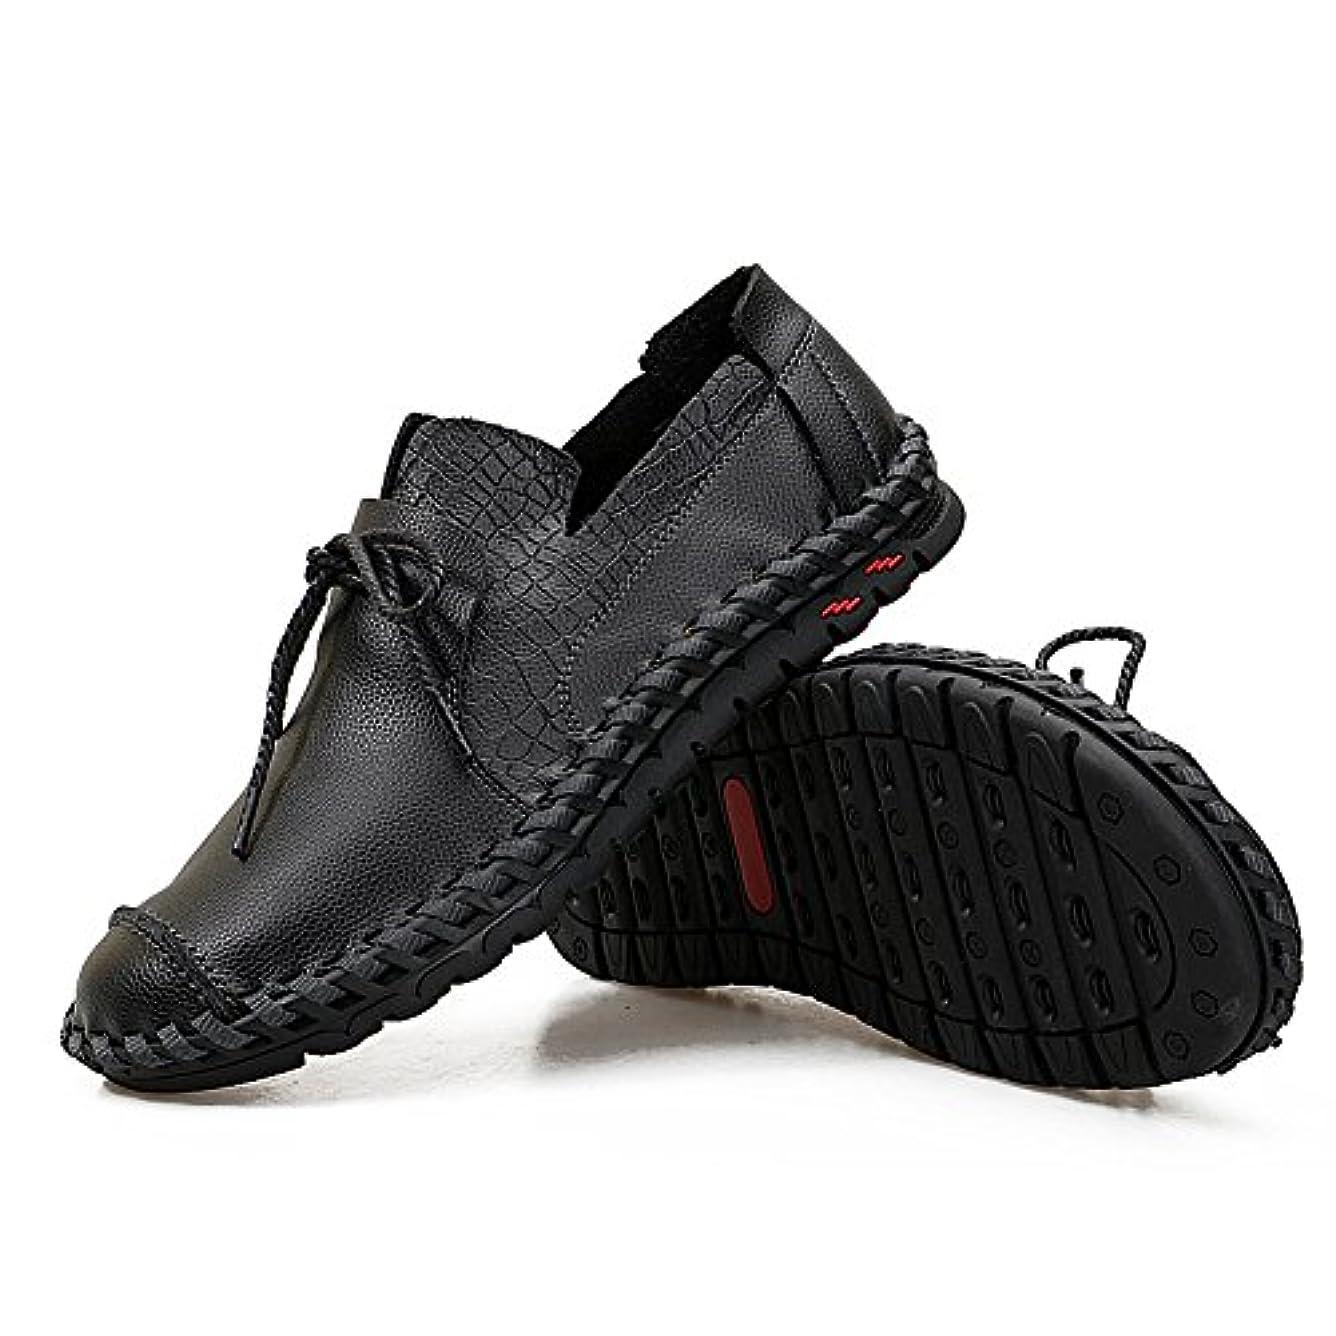 たらい抗生物質私Z.SUO メンズ カジュアルシューズ デッキシューズ 革靴 ワークブーツ オックスフォードの靴 カジュアルシューズ ファッションスニーカー レースアップシューズ 通勤用 防滑